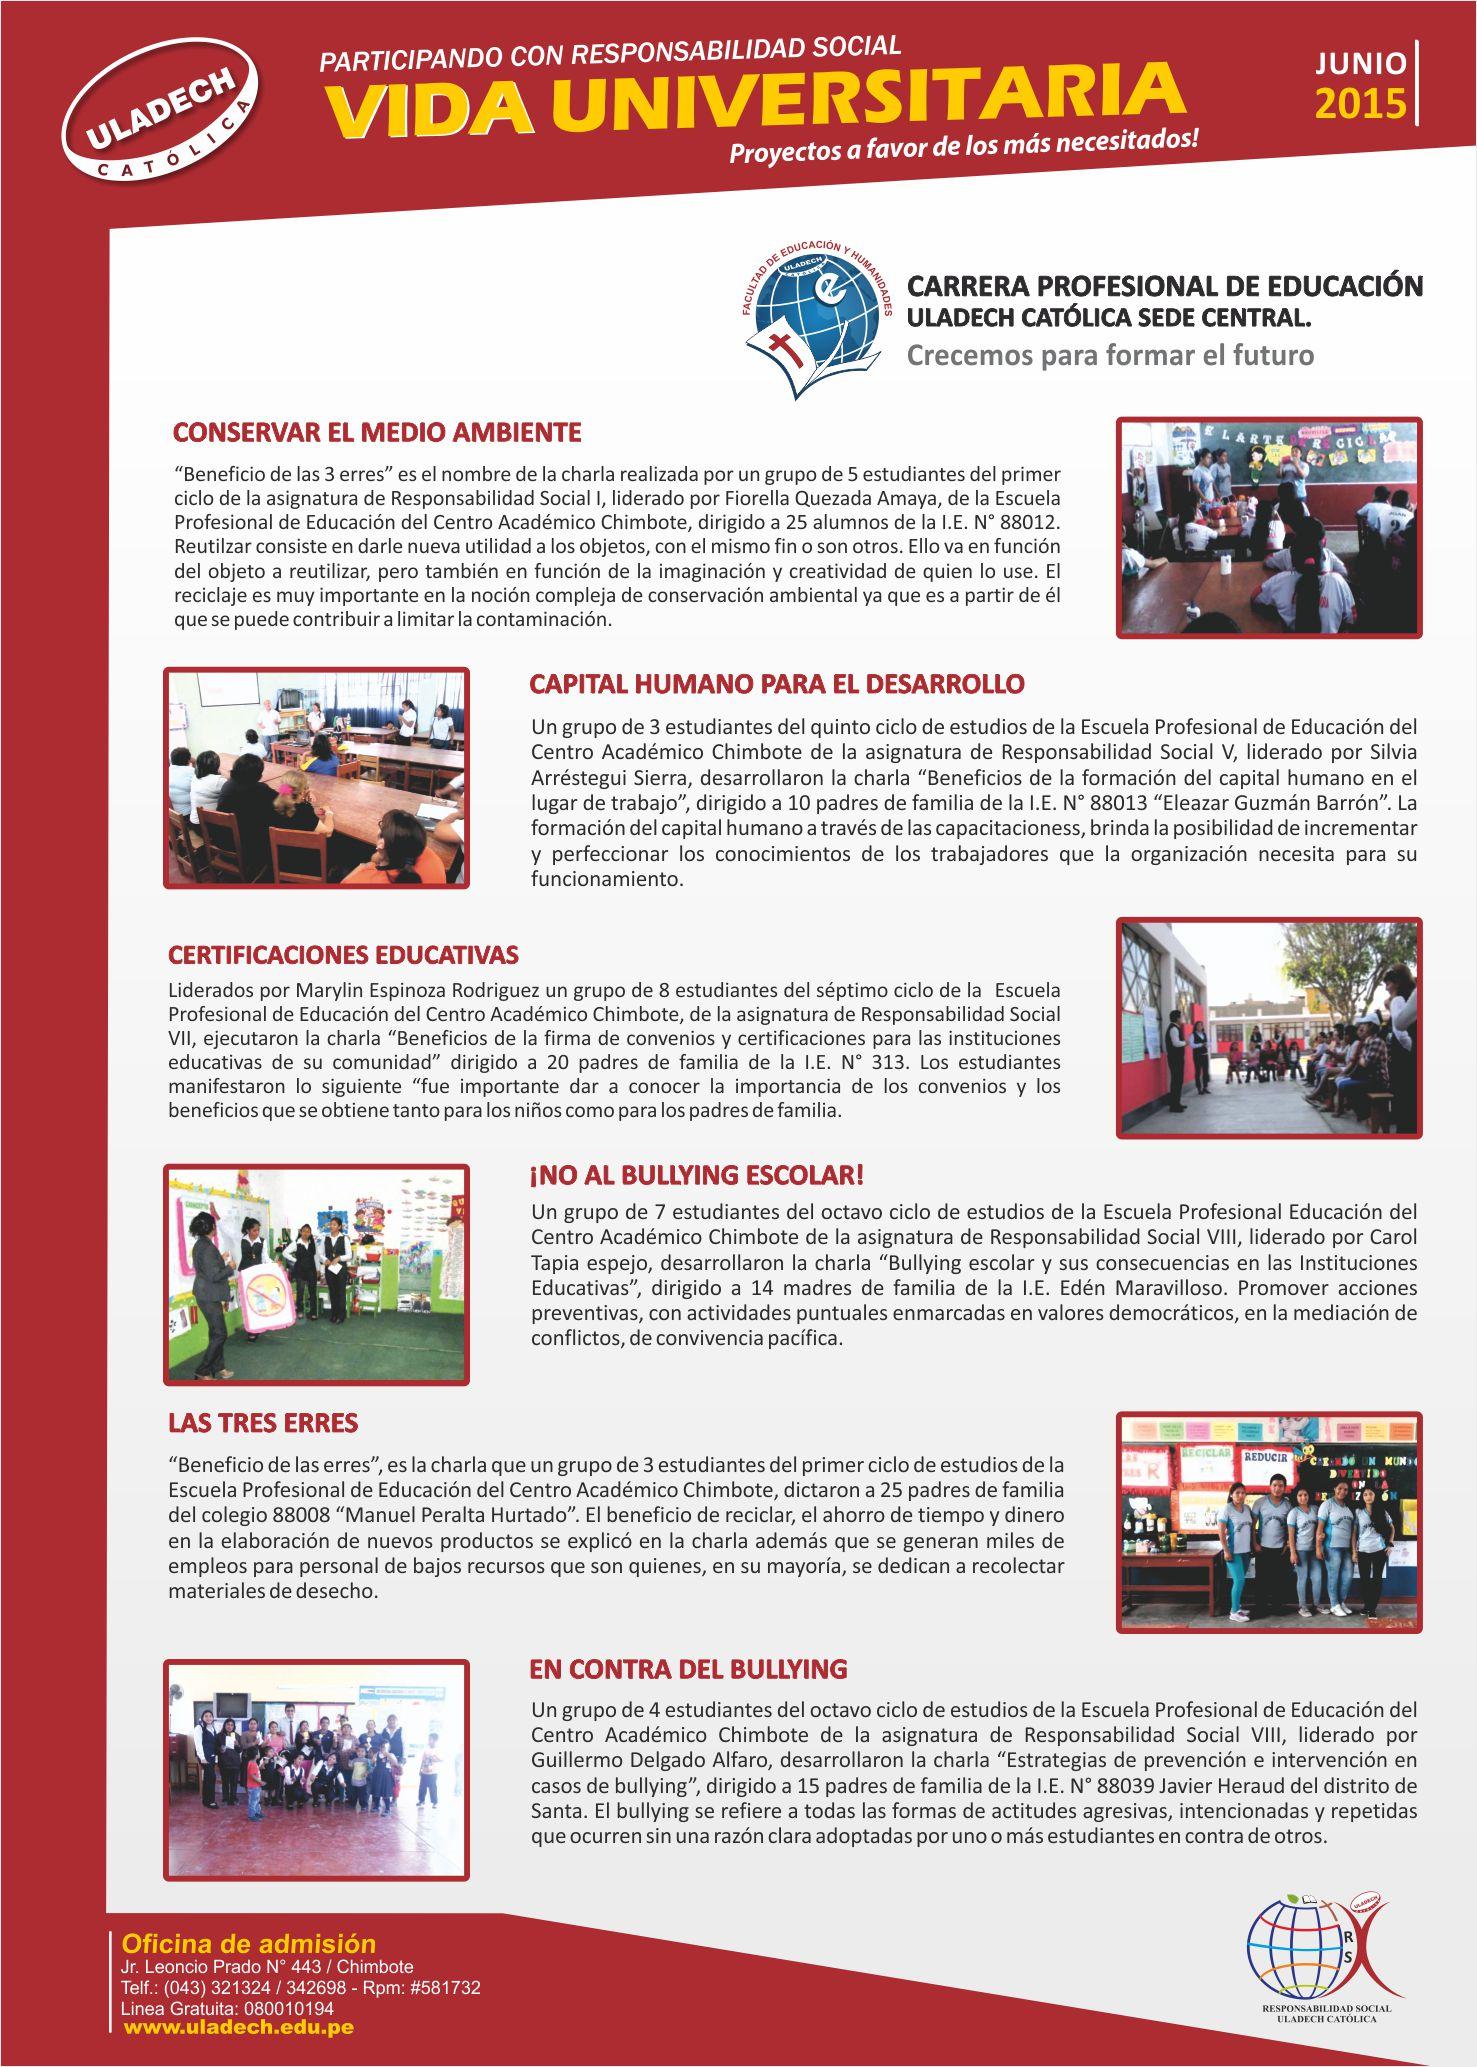 5_JUNIO 2015_MAR ADENTRO-EDUCACION